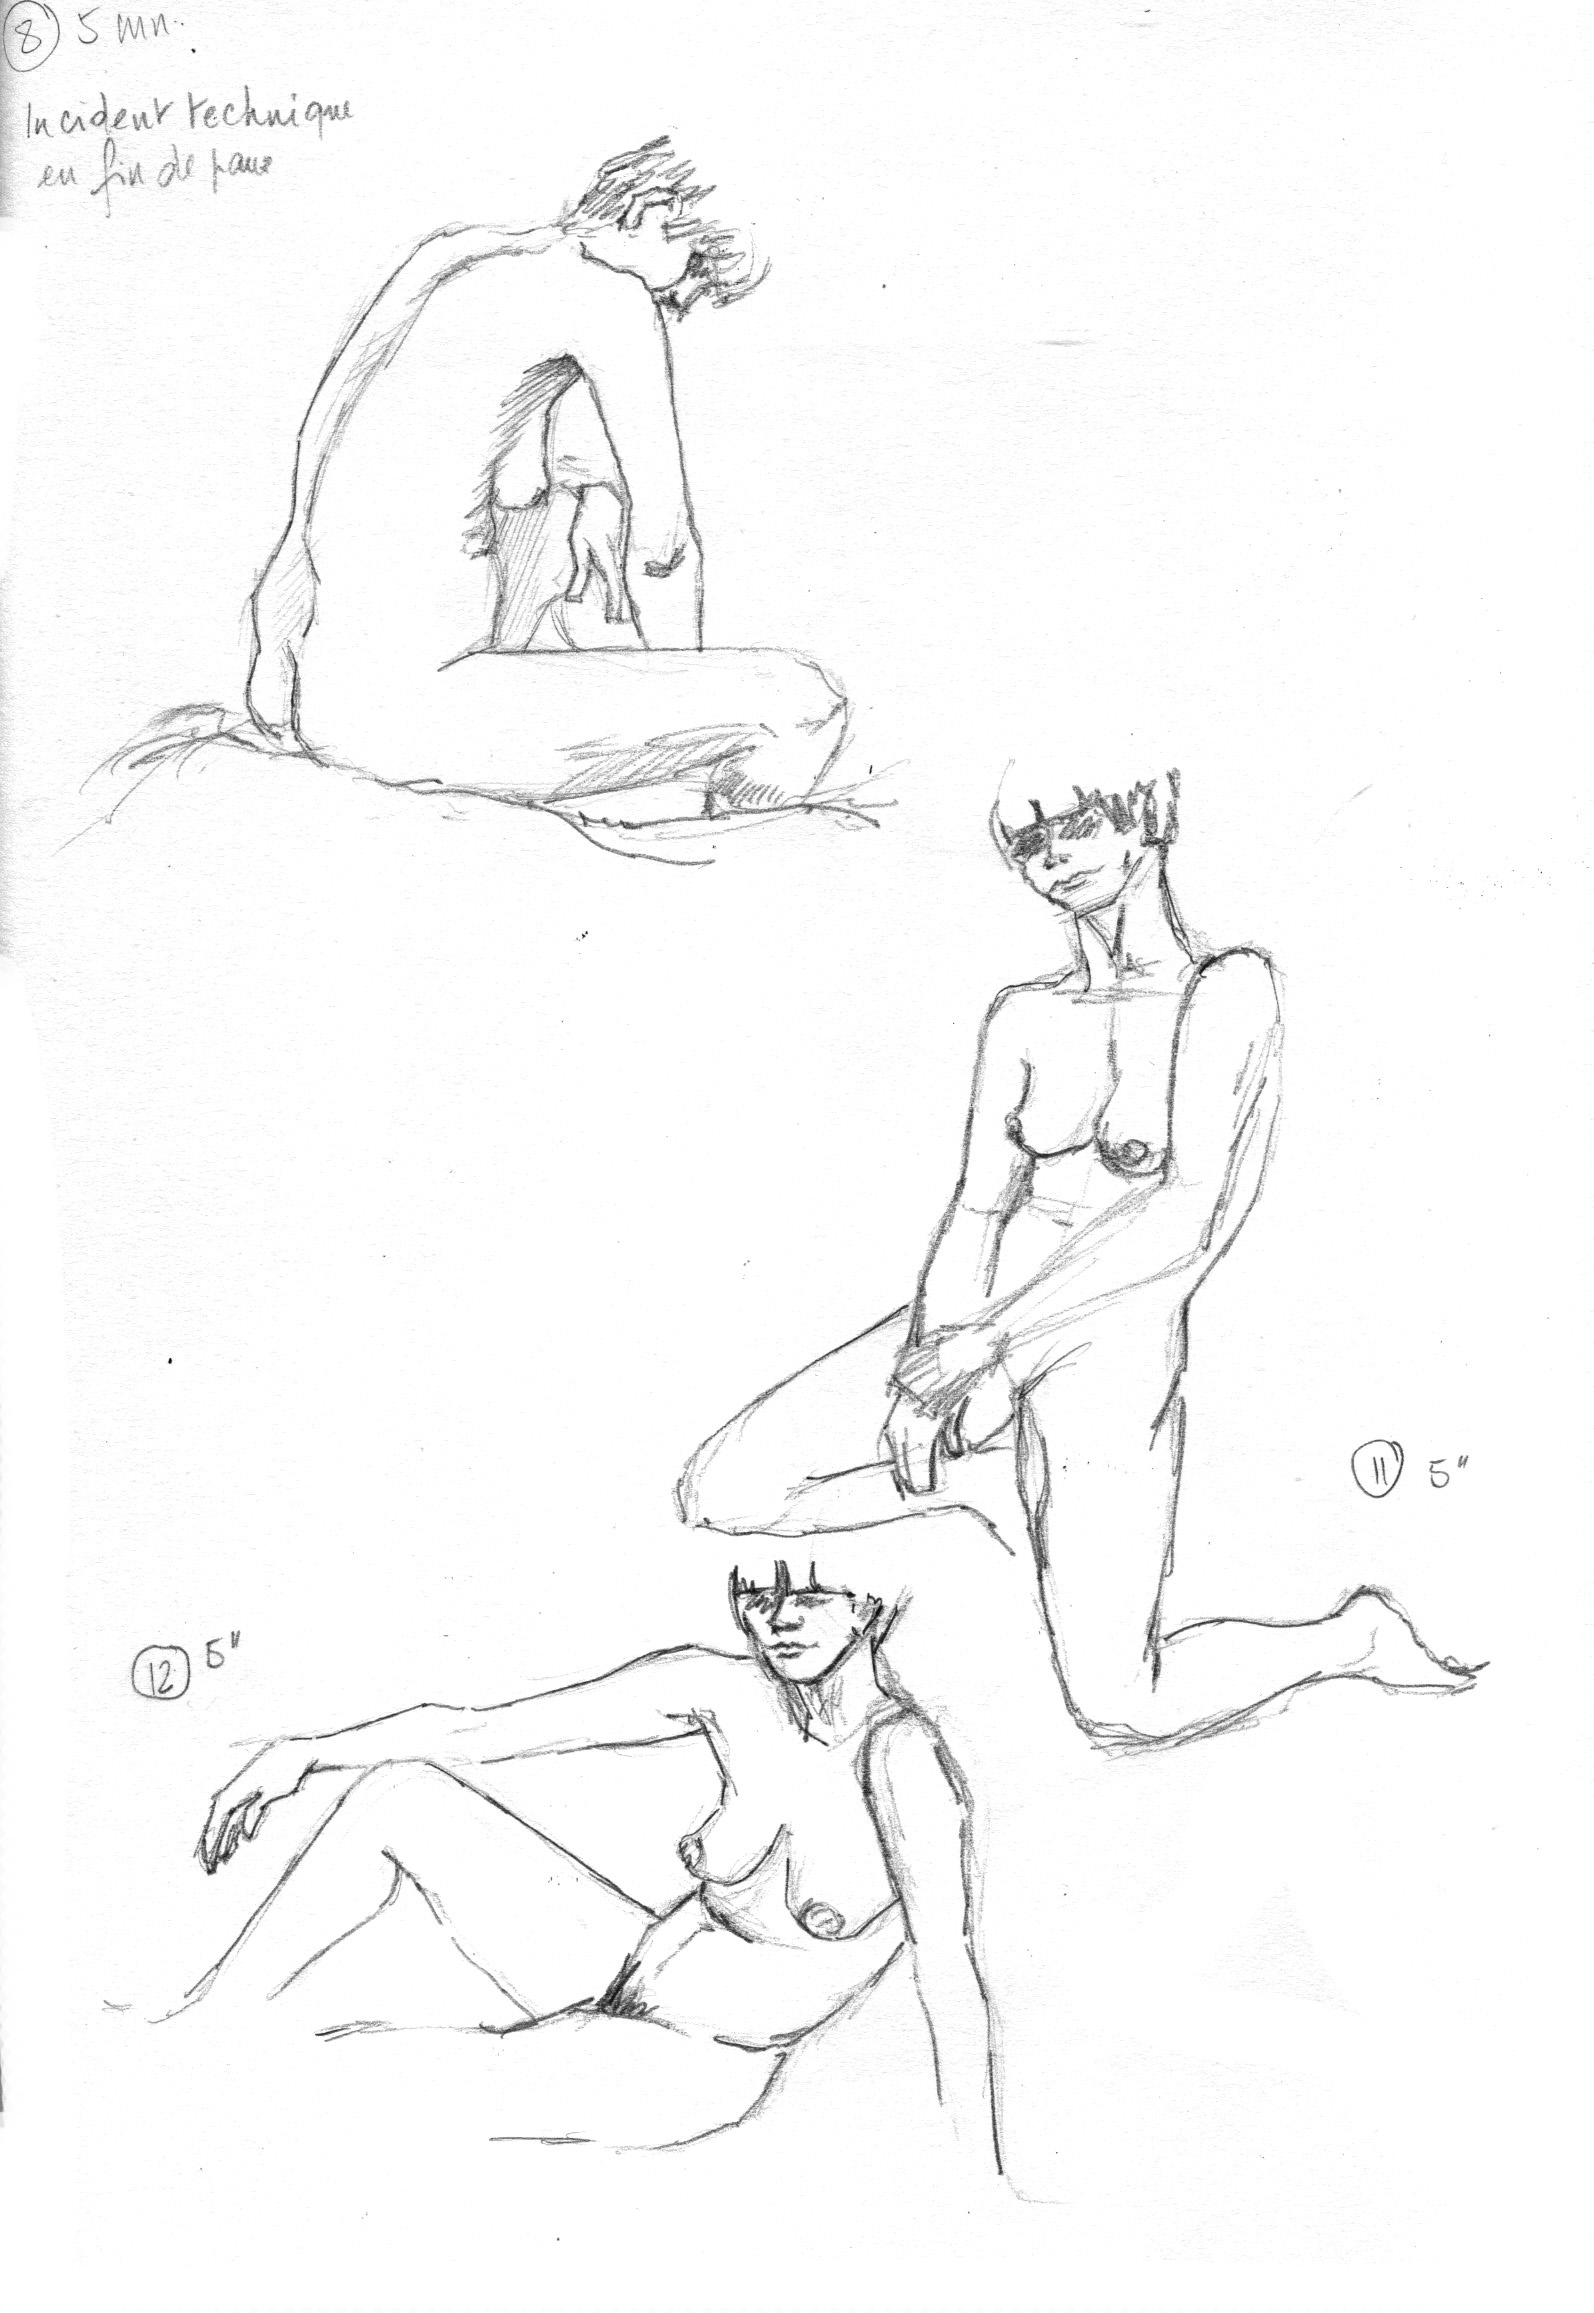 Monika -Grande Chaumière, Poses de 5 minutes croquis au graphite